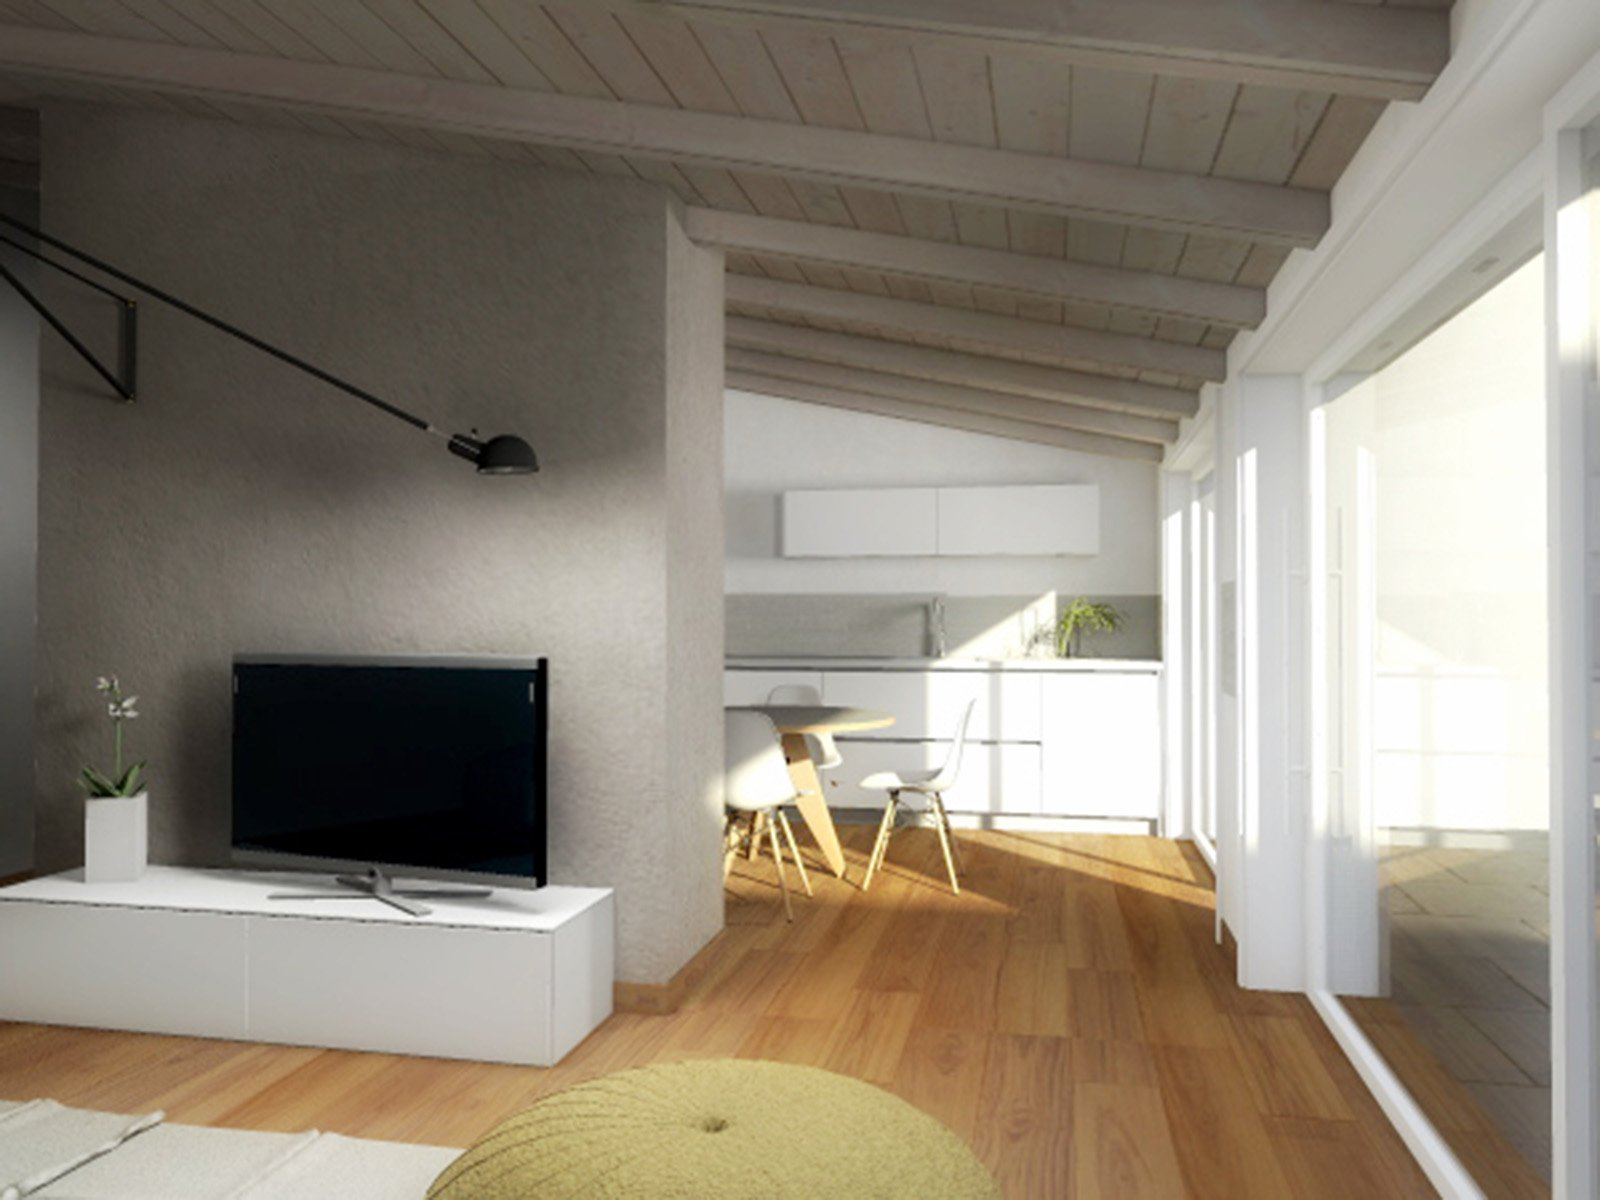 Mansarda una casa sottotetto luminosa e contemporanea for Immagini design